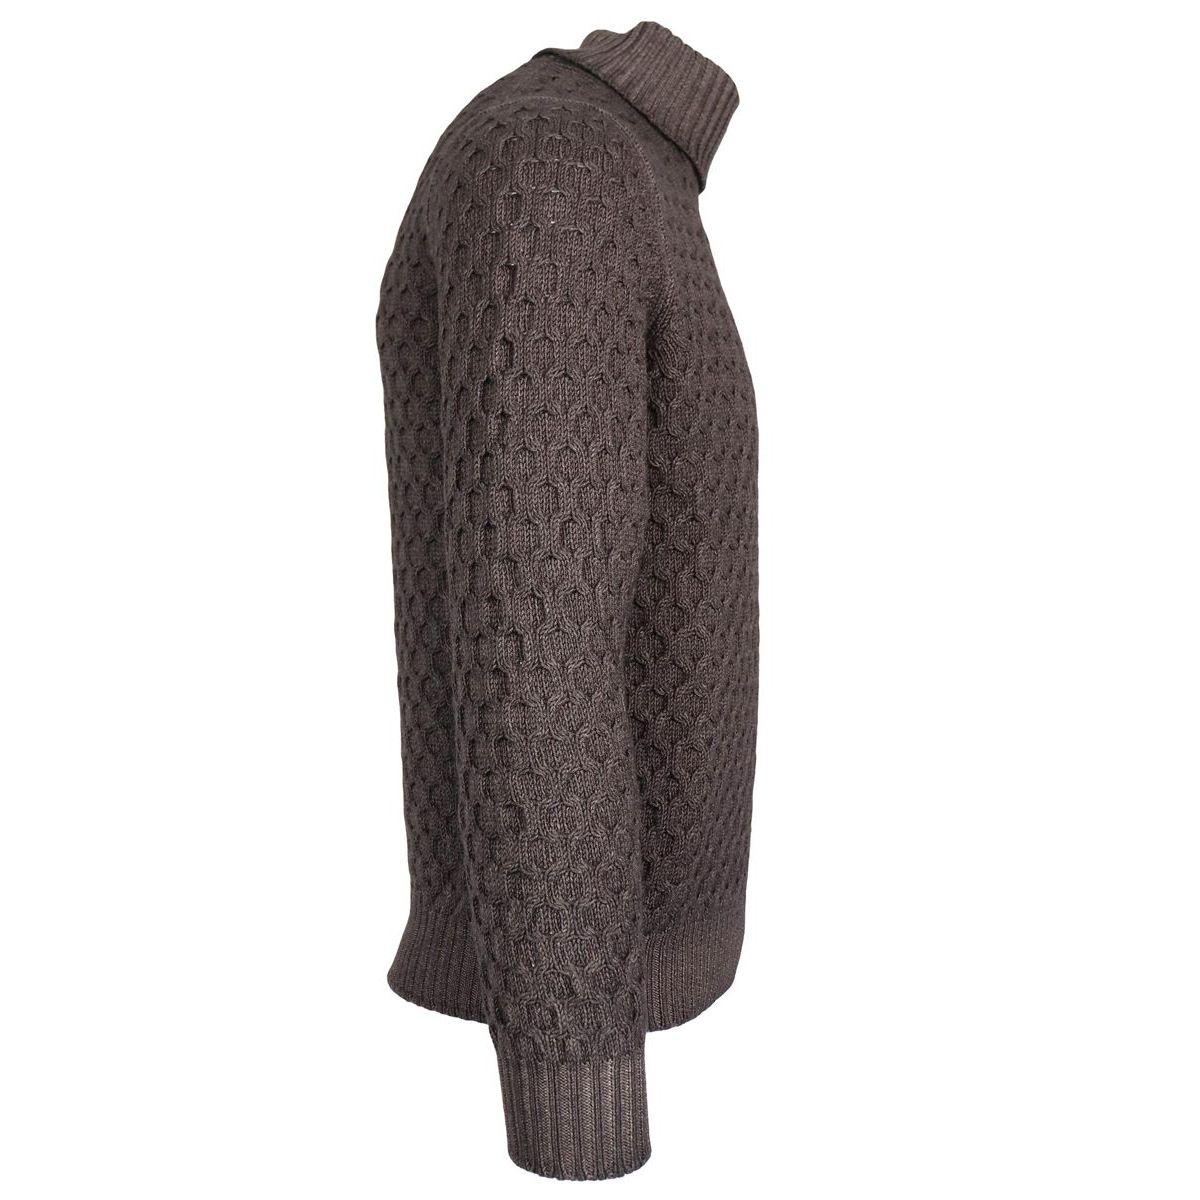 Turtleneck sweater in fancy wool Moro Gran Sasso